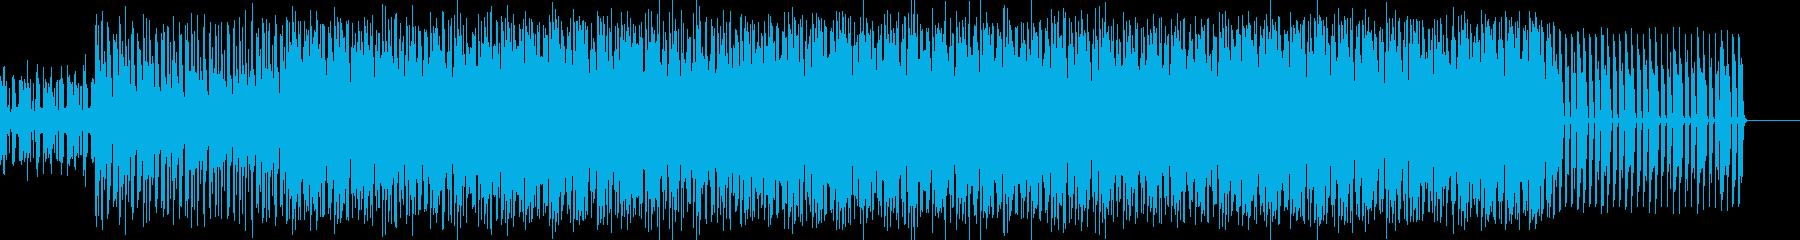 疾走感に支配された肯定的なビートの再生済みの波形